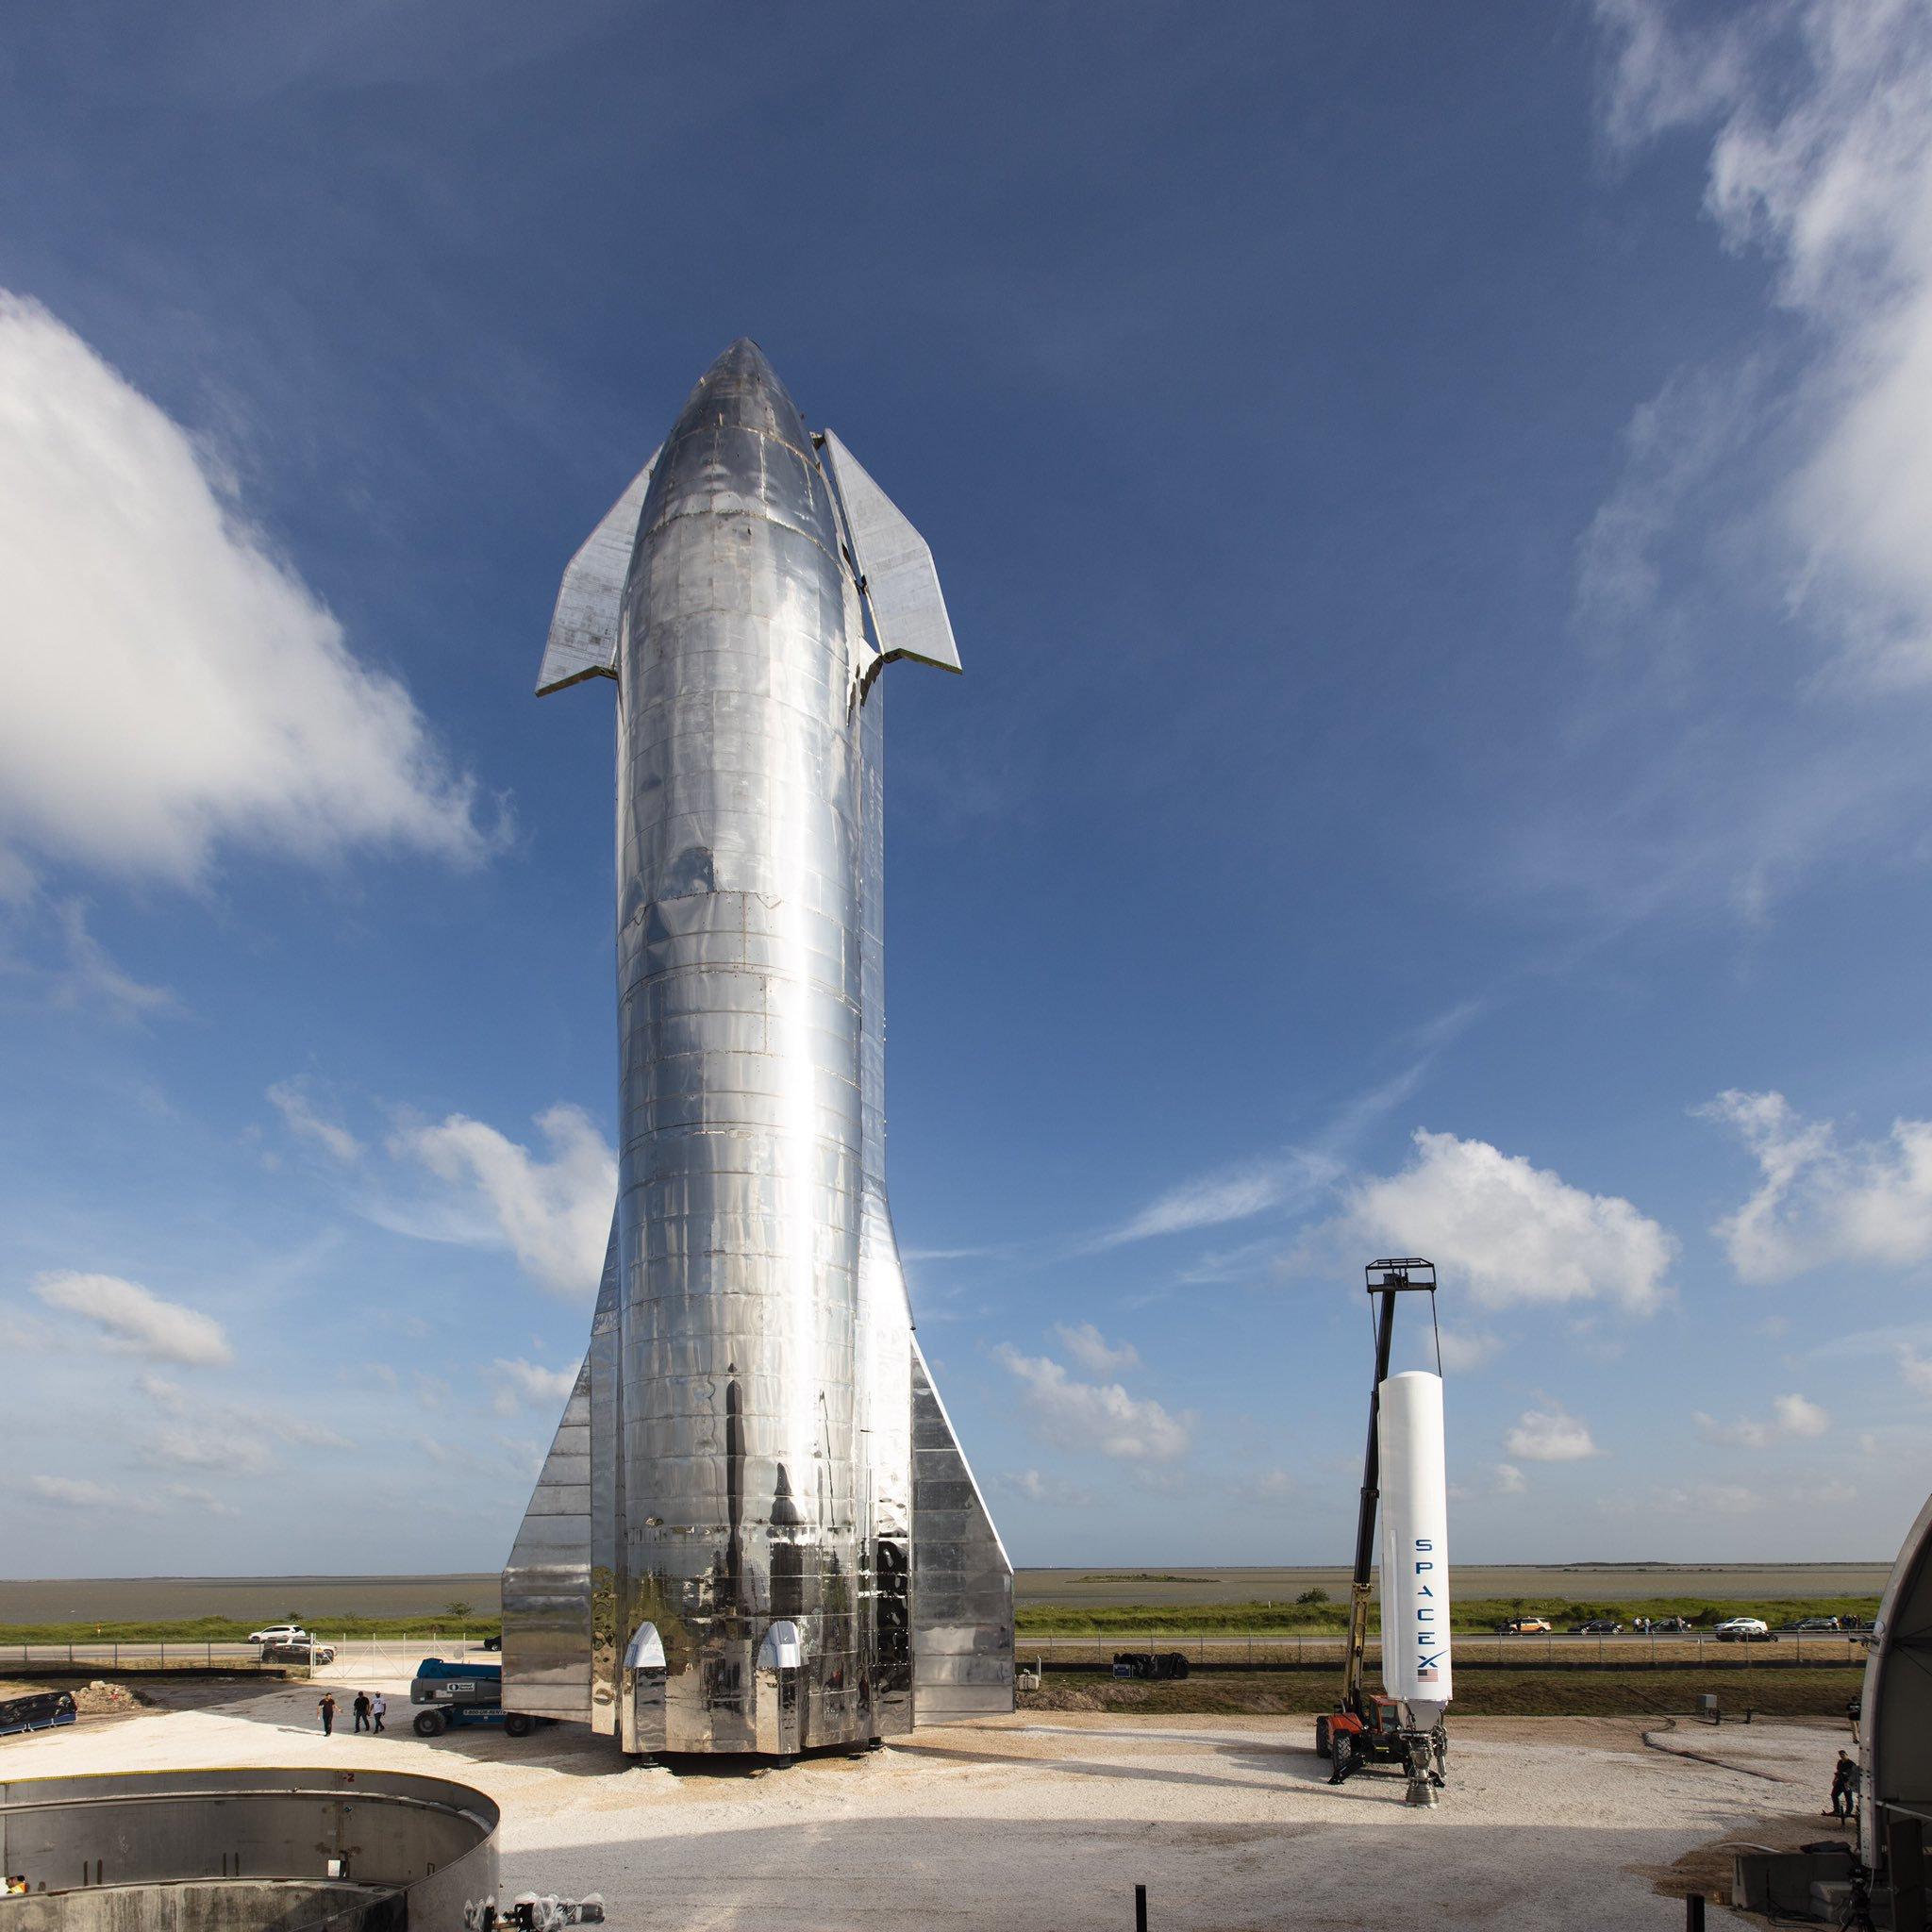 Первый прототип космического корабля Starship рядом с ракетой-носителем Falcon 1. Сентябрь 2019 года. Фото SpaceX